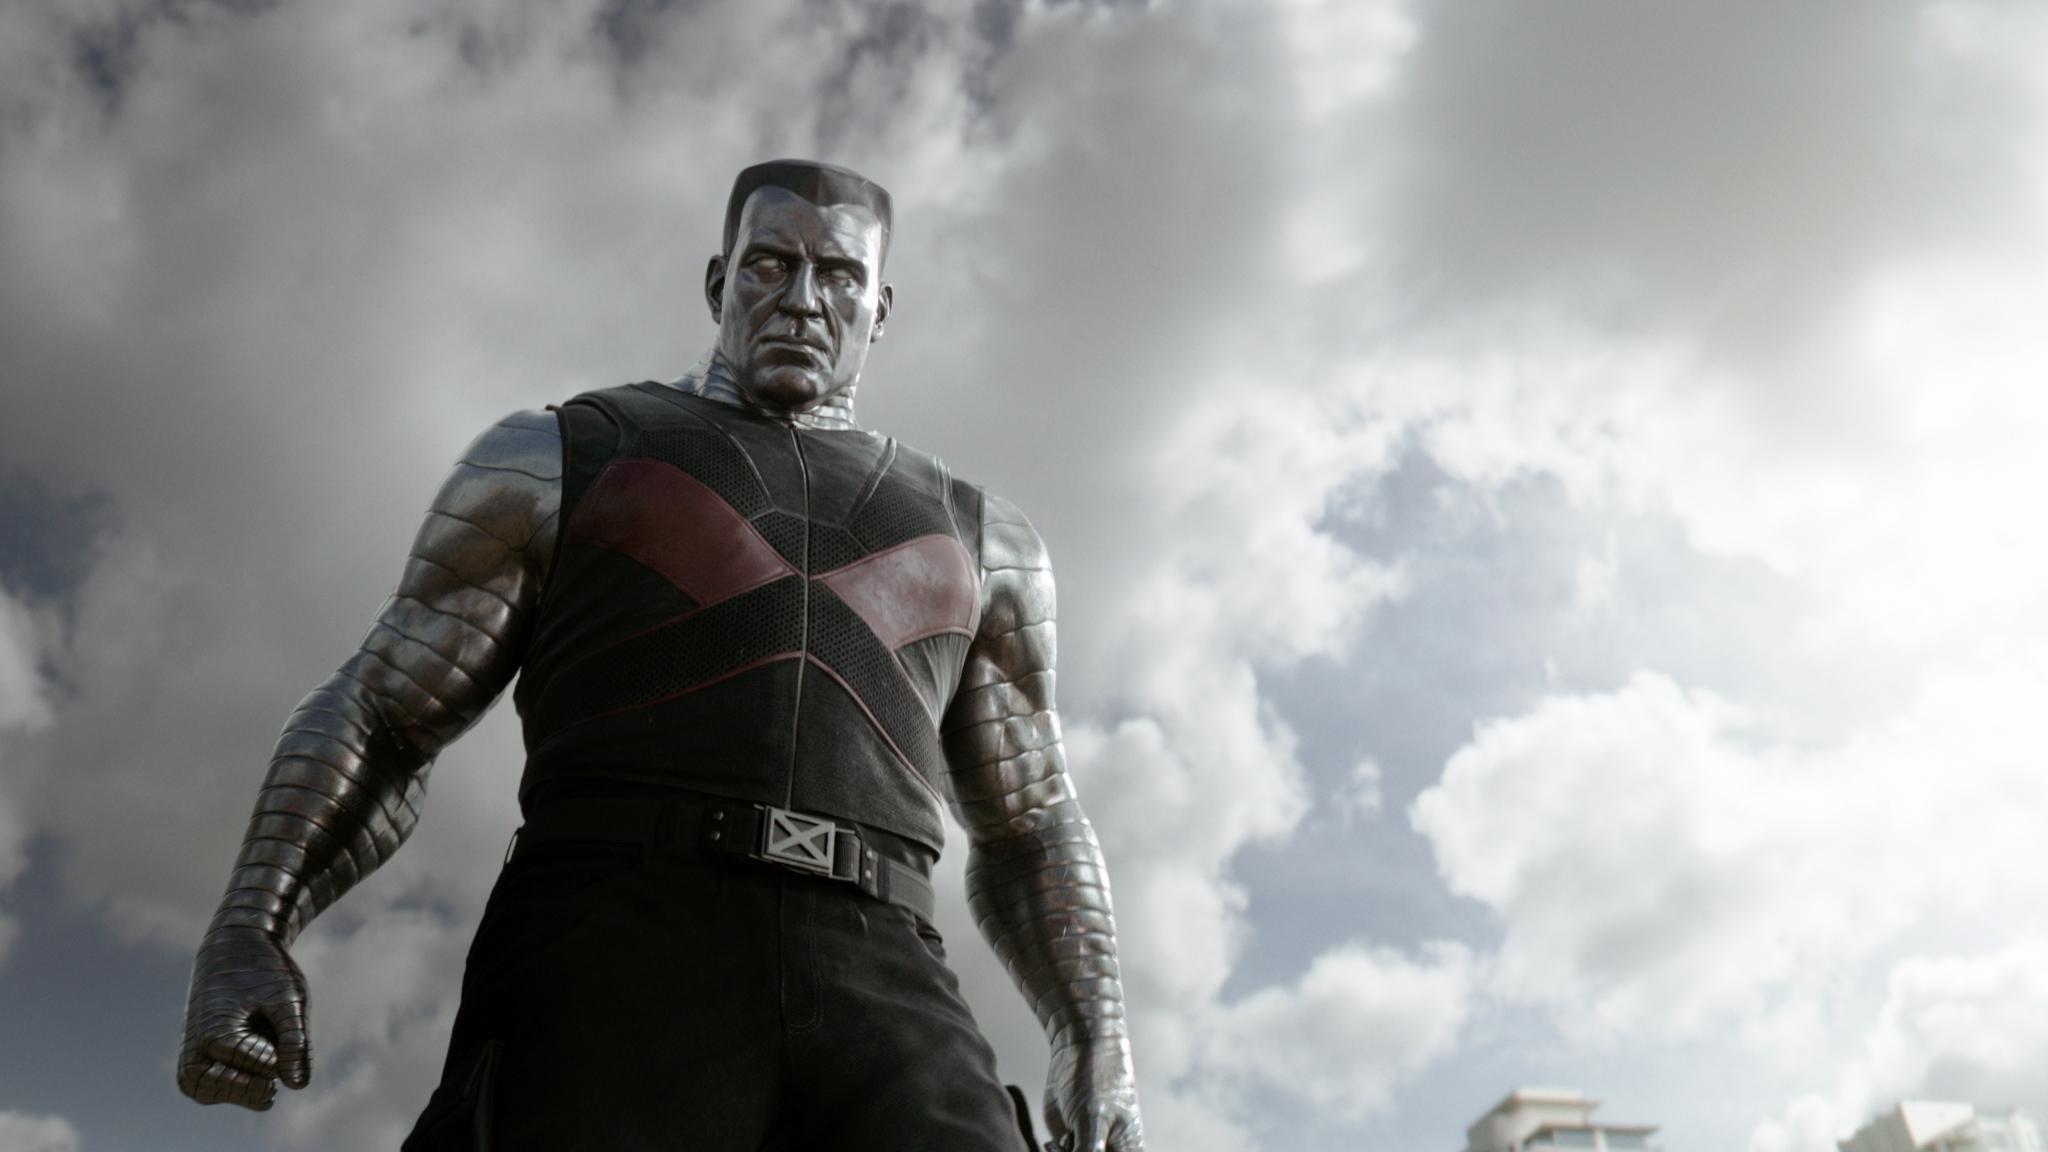 colossus-deadpool-movie-image.jpg